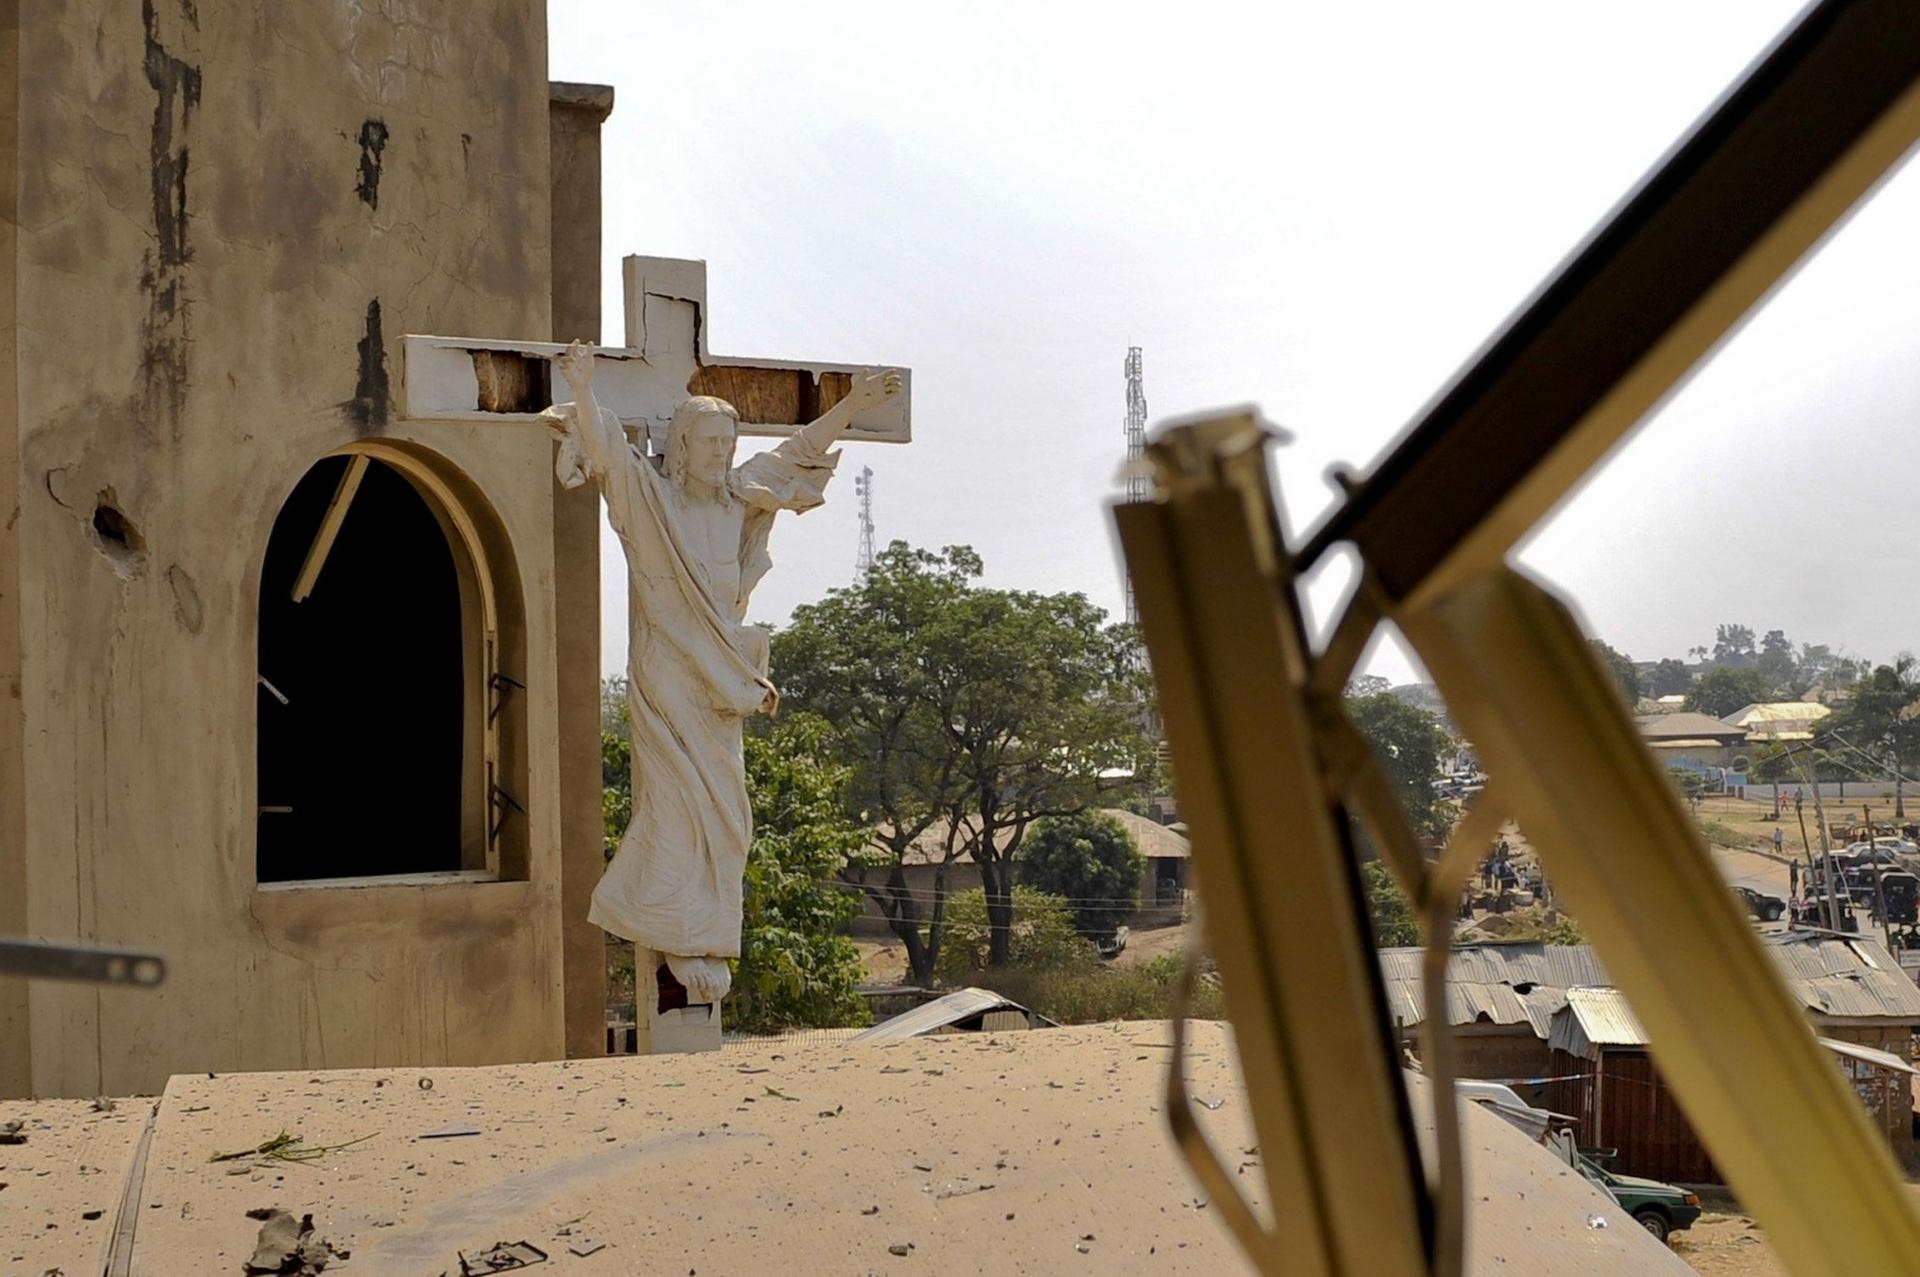 Liberan a sacerdote secuestrado al sur de Nigeria